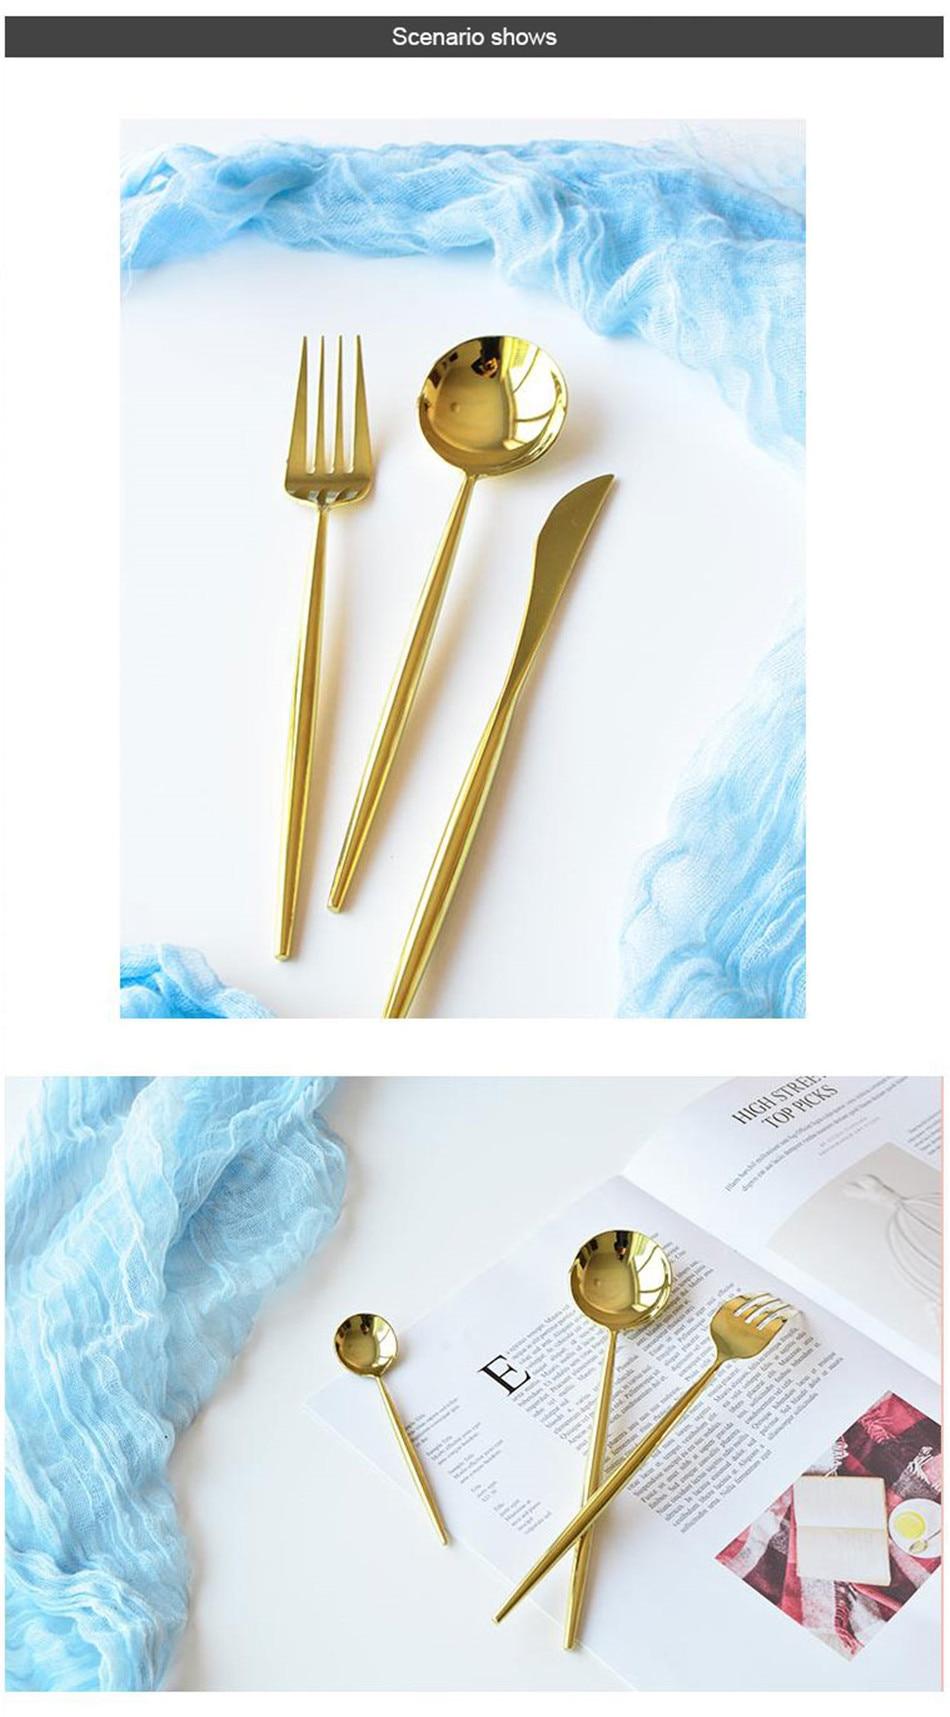 304 Stainless Steel Tableware Set Mirror Shining Rose Gold European Western Food Dinnerware Sets knife Forks Black Cutleries 4pc (2)